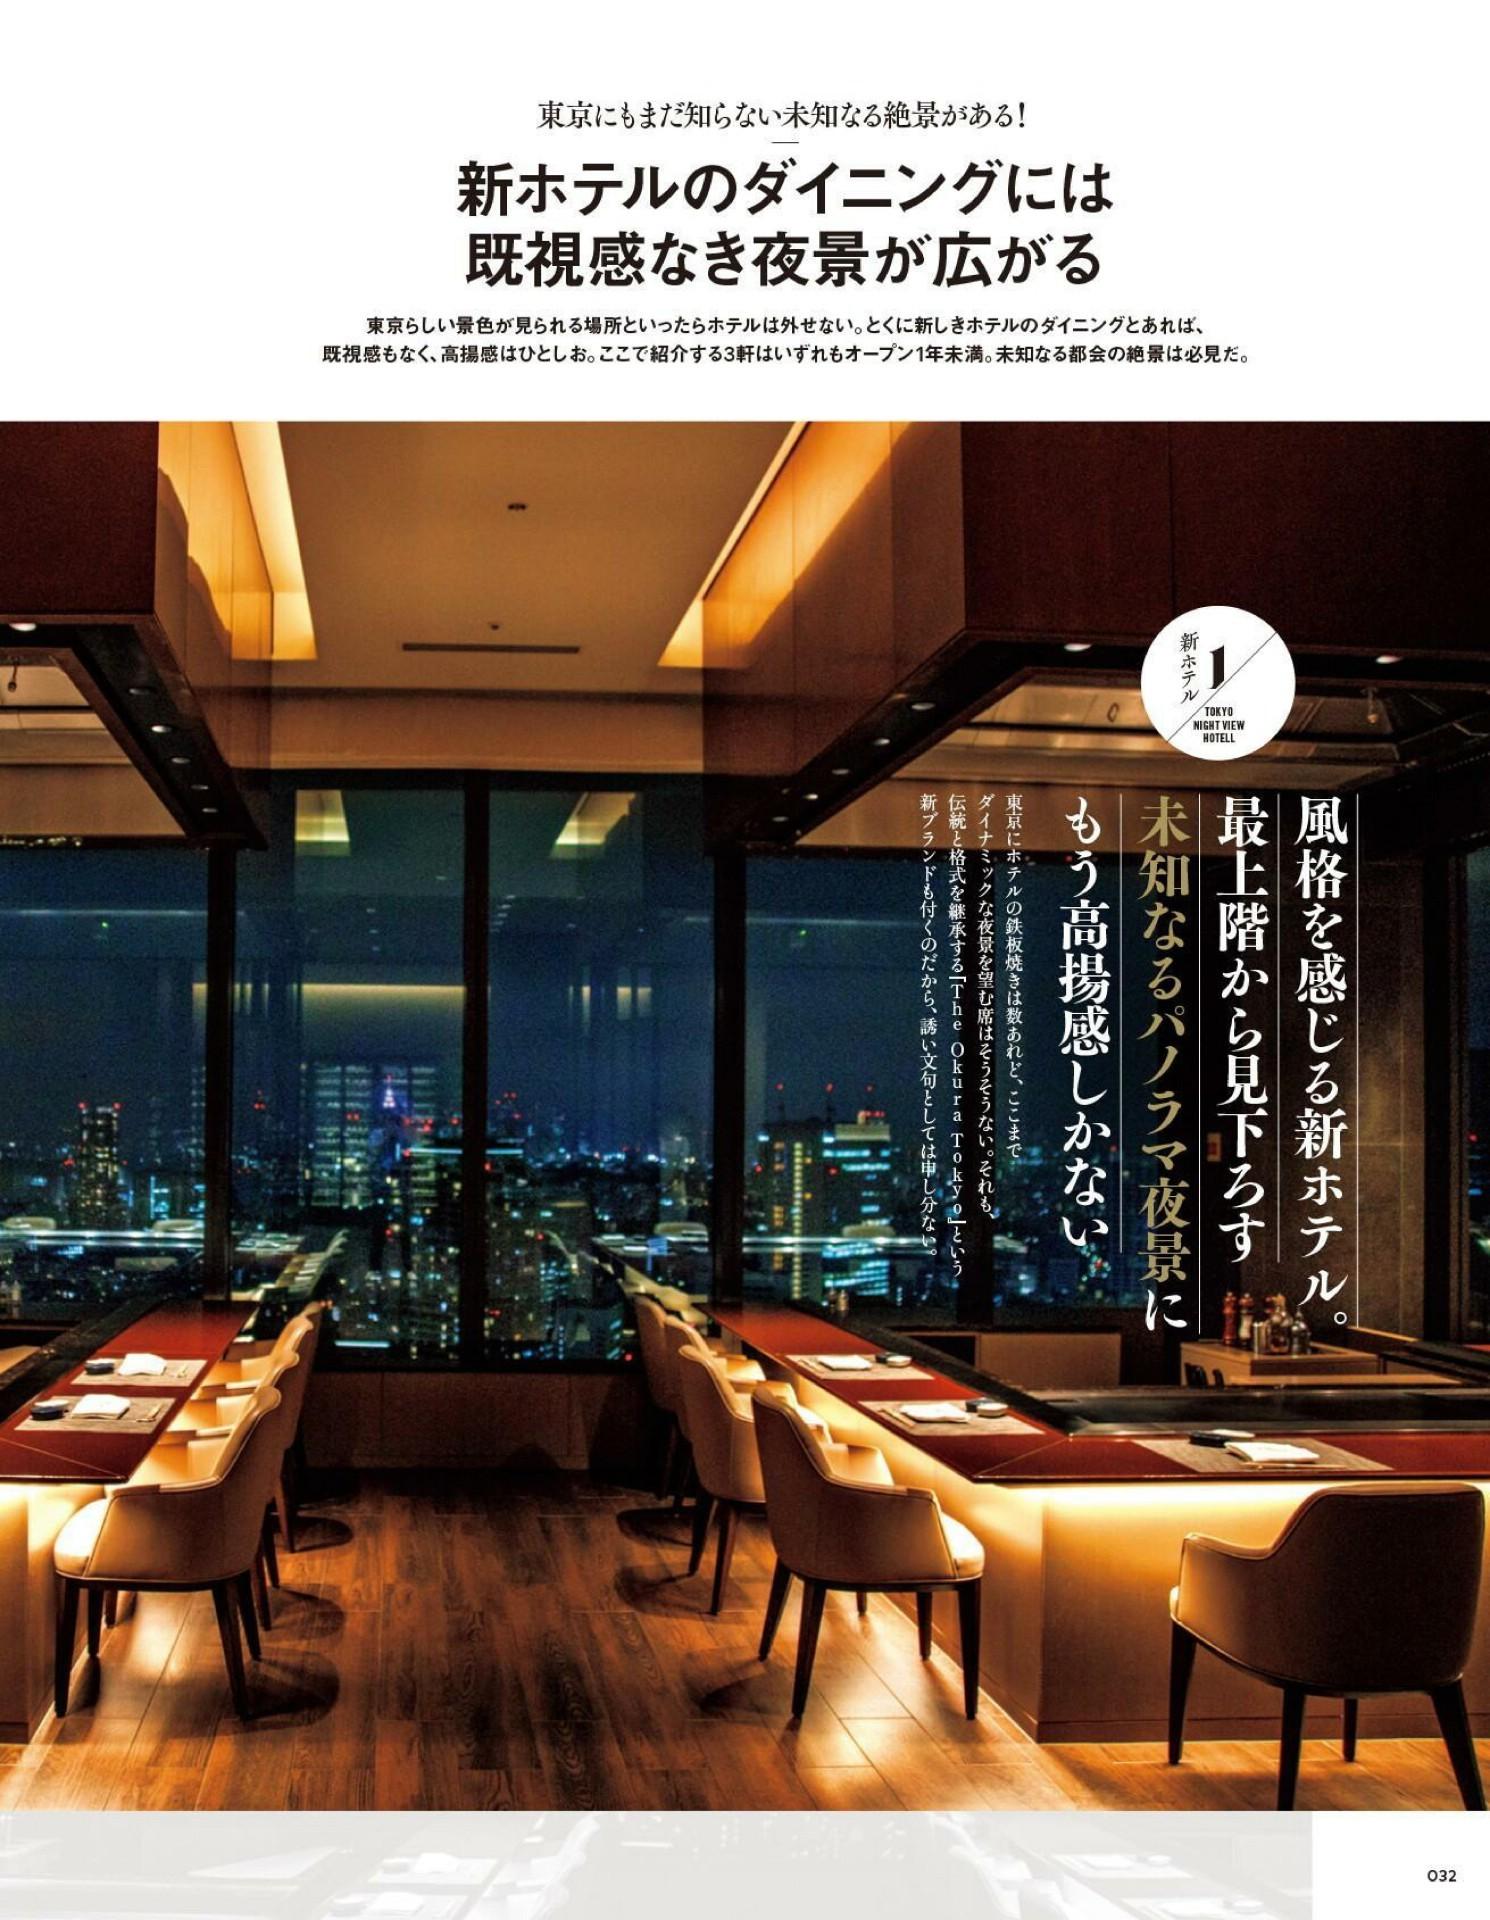 Tokyo Calendar 2020-09_imgs-0032